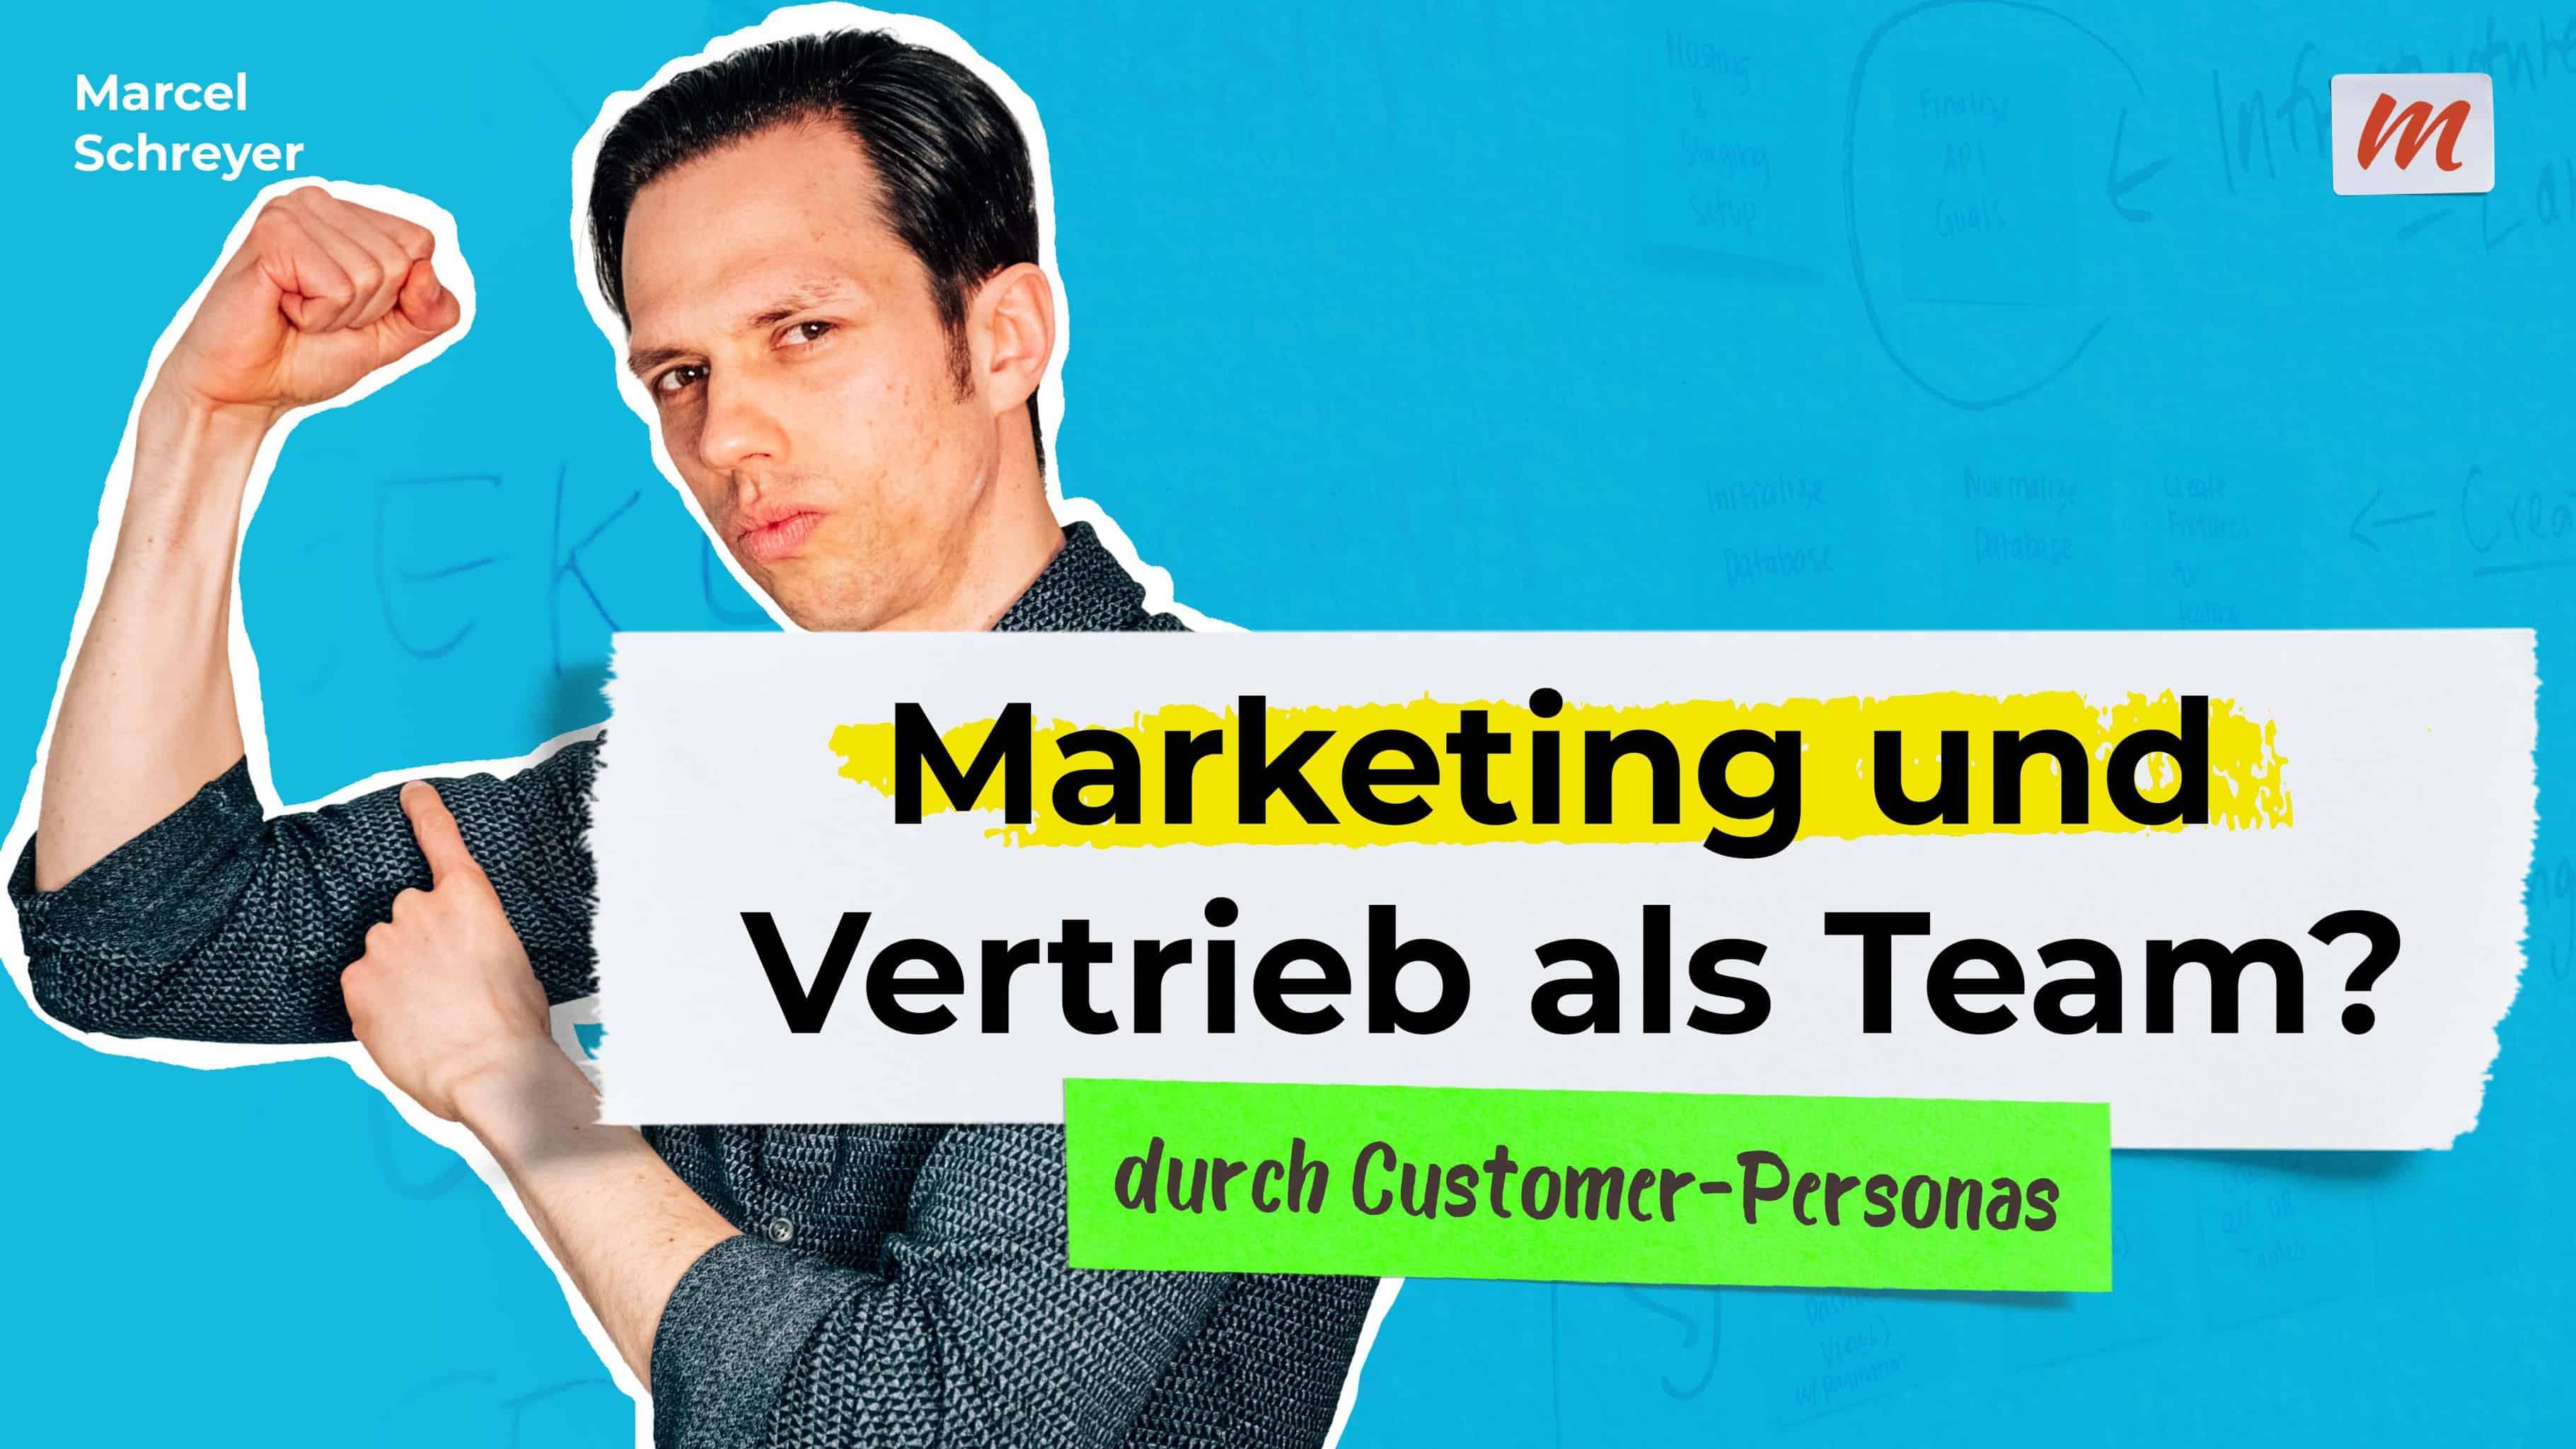 Marketing und Vertrieb als Team – durch Customer-Personas